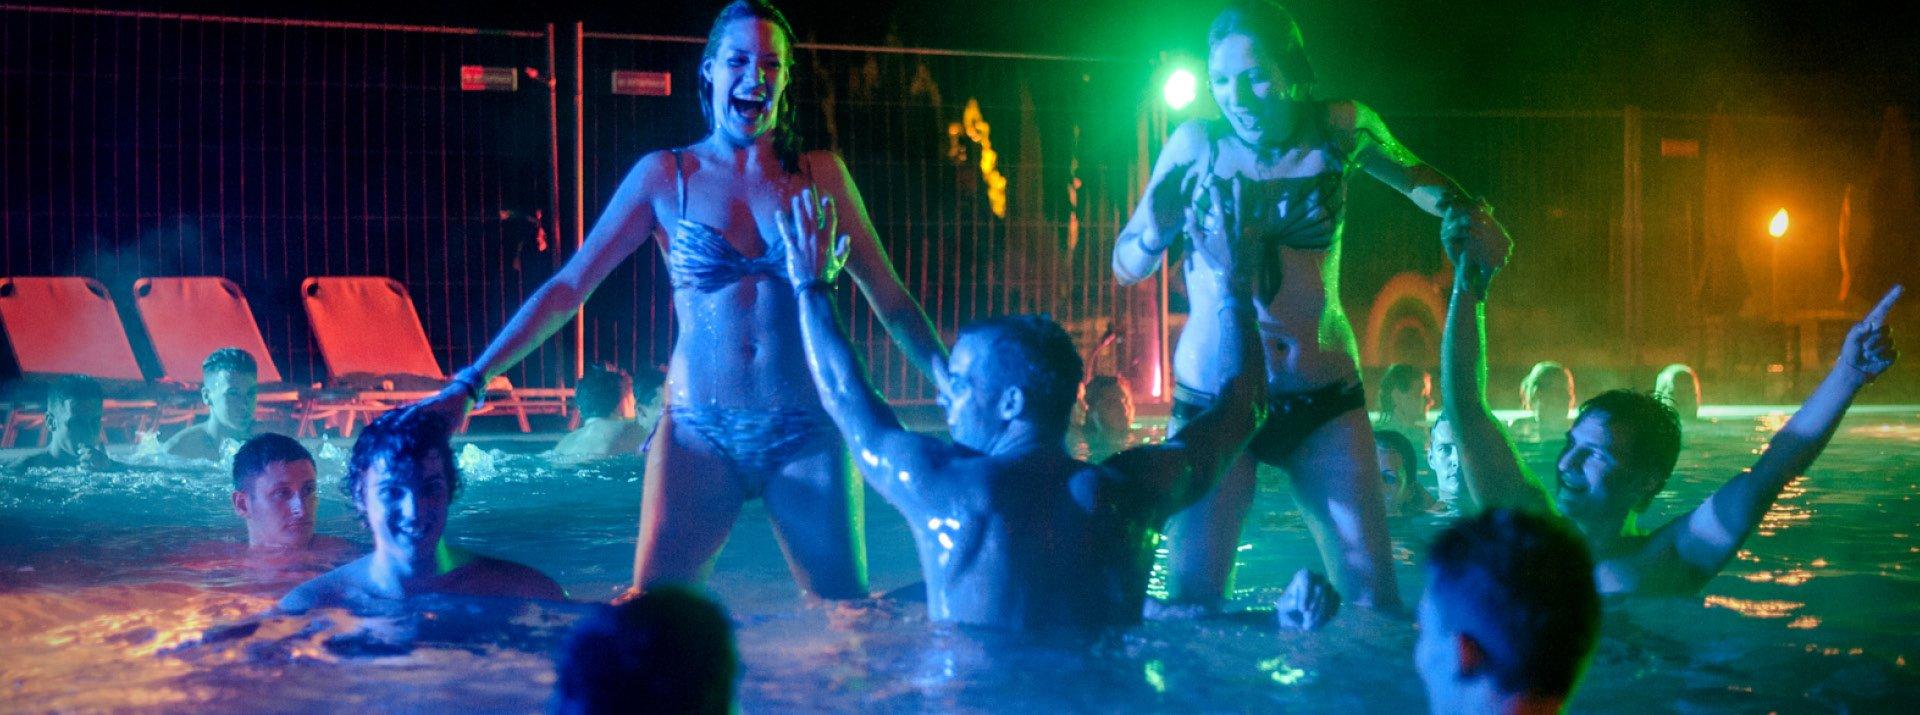 SPLASH - Night Pool Pa...